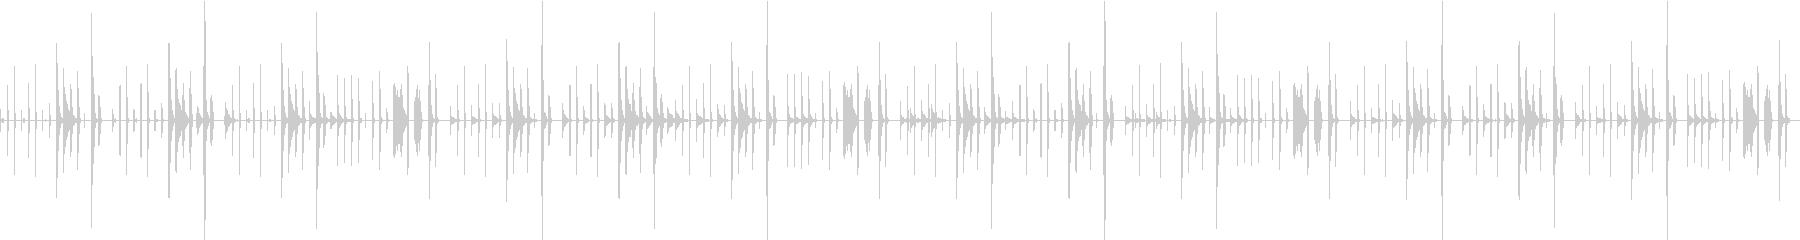 脱力系/ゆるい/コミカルほのぼのポップスの未再生の波形